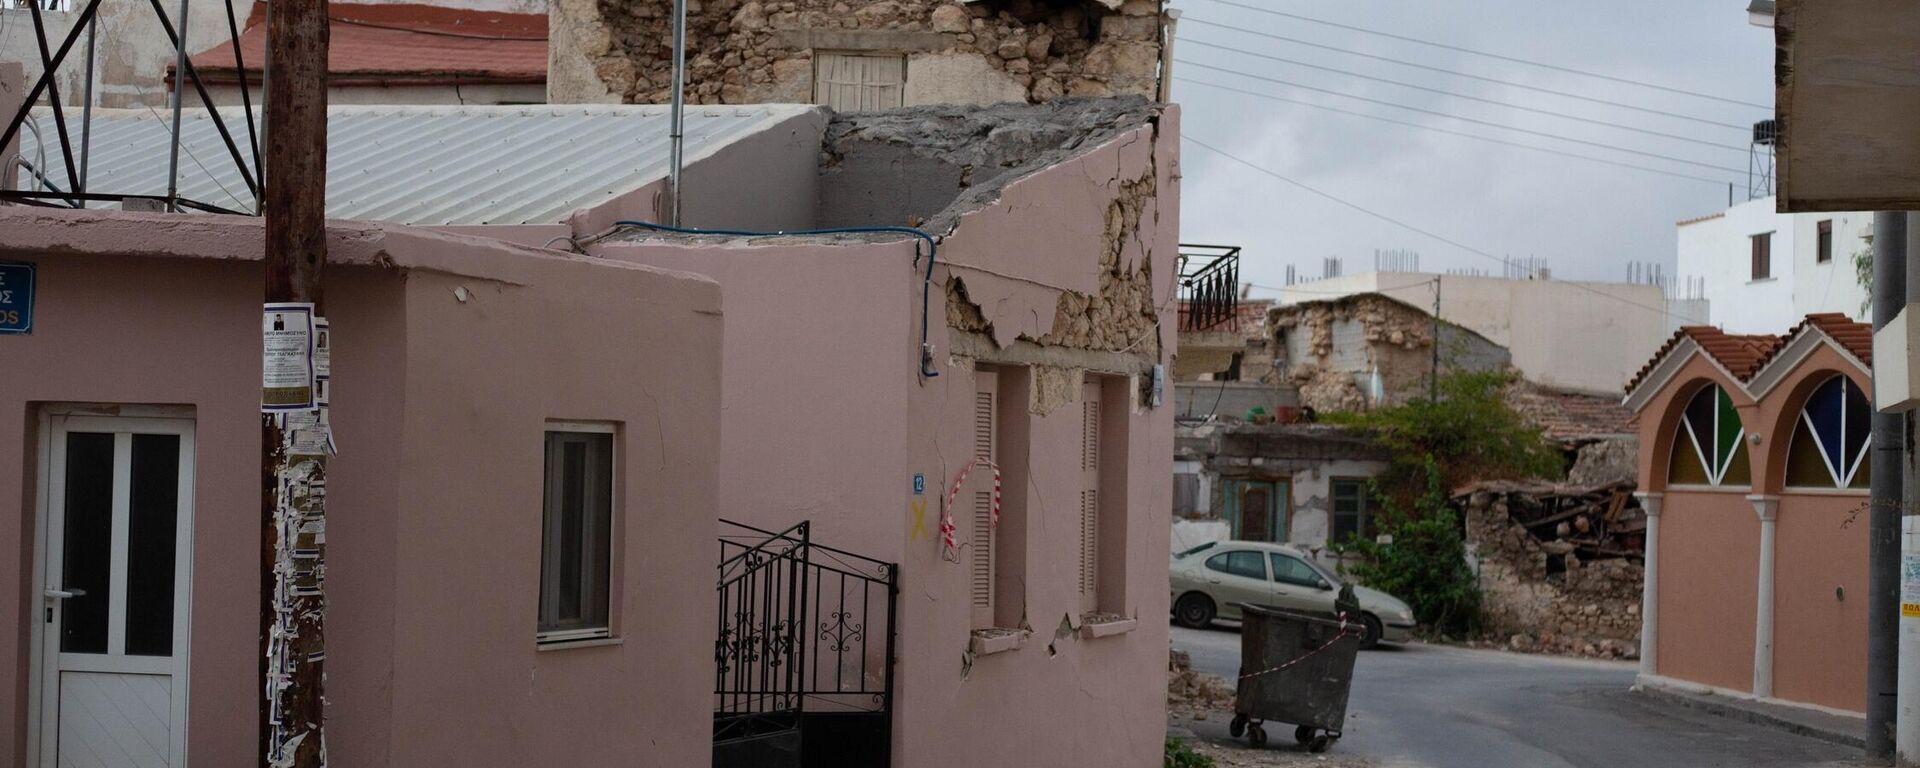 Ζημιές σε σπίτια από τον σεισμό στο Αρκαλοχώρι - Sputnik Ελλάδα, 1920, 12.10.2021